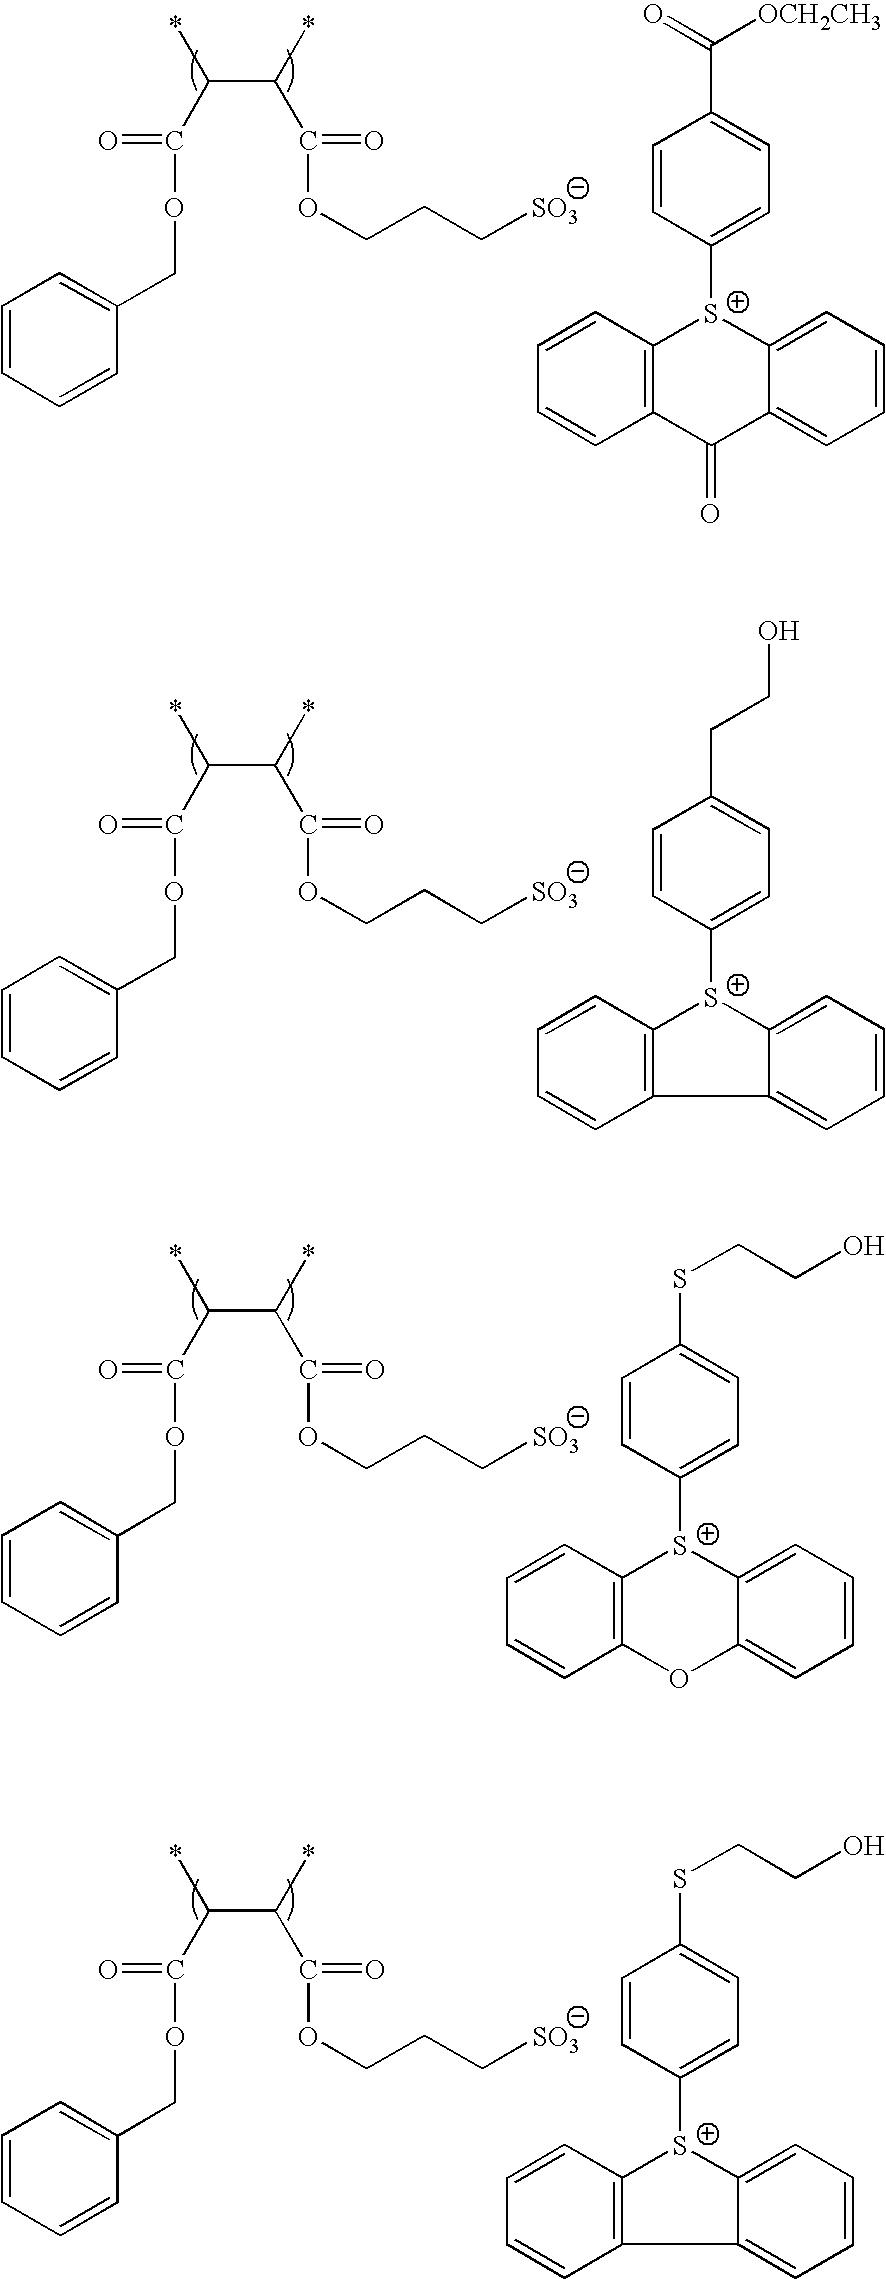 Figure US20100183975A1-20100722-C00079